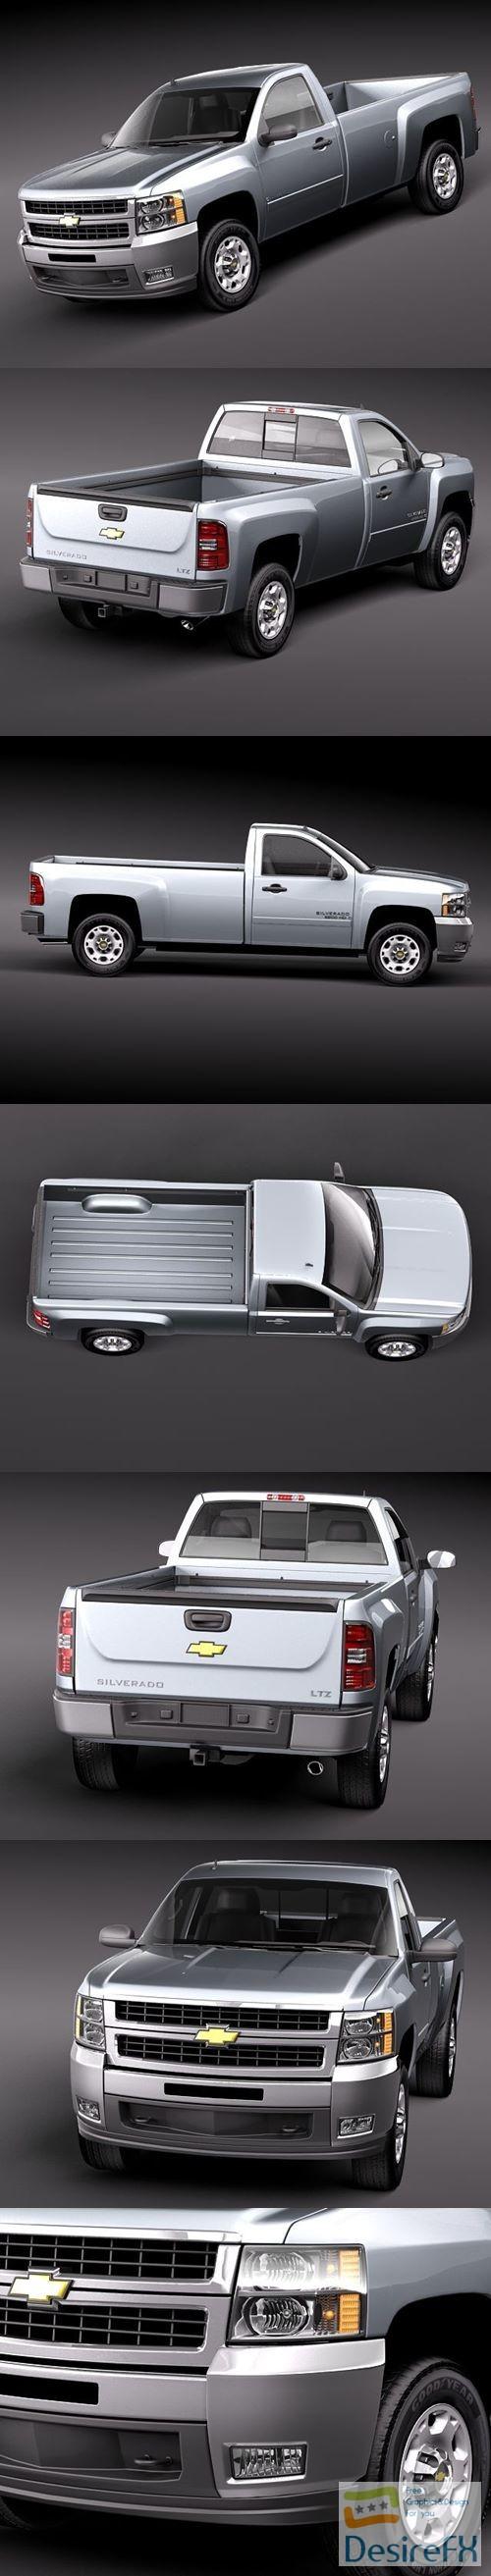 3d-models - Chevrolet Silverado 2500hd regular cab 3D Model